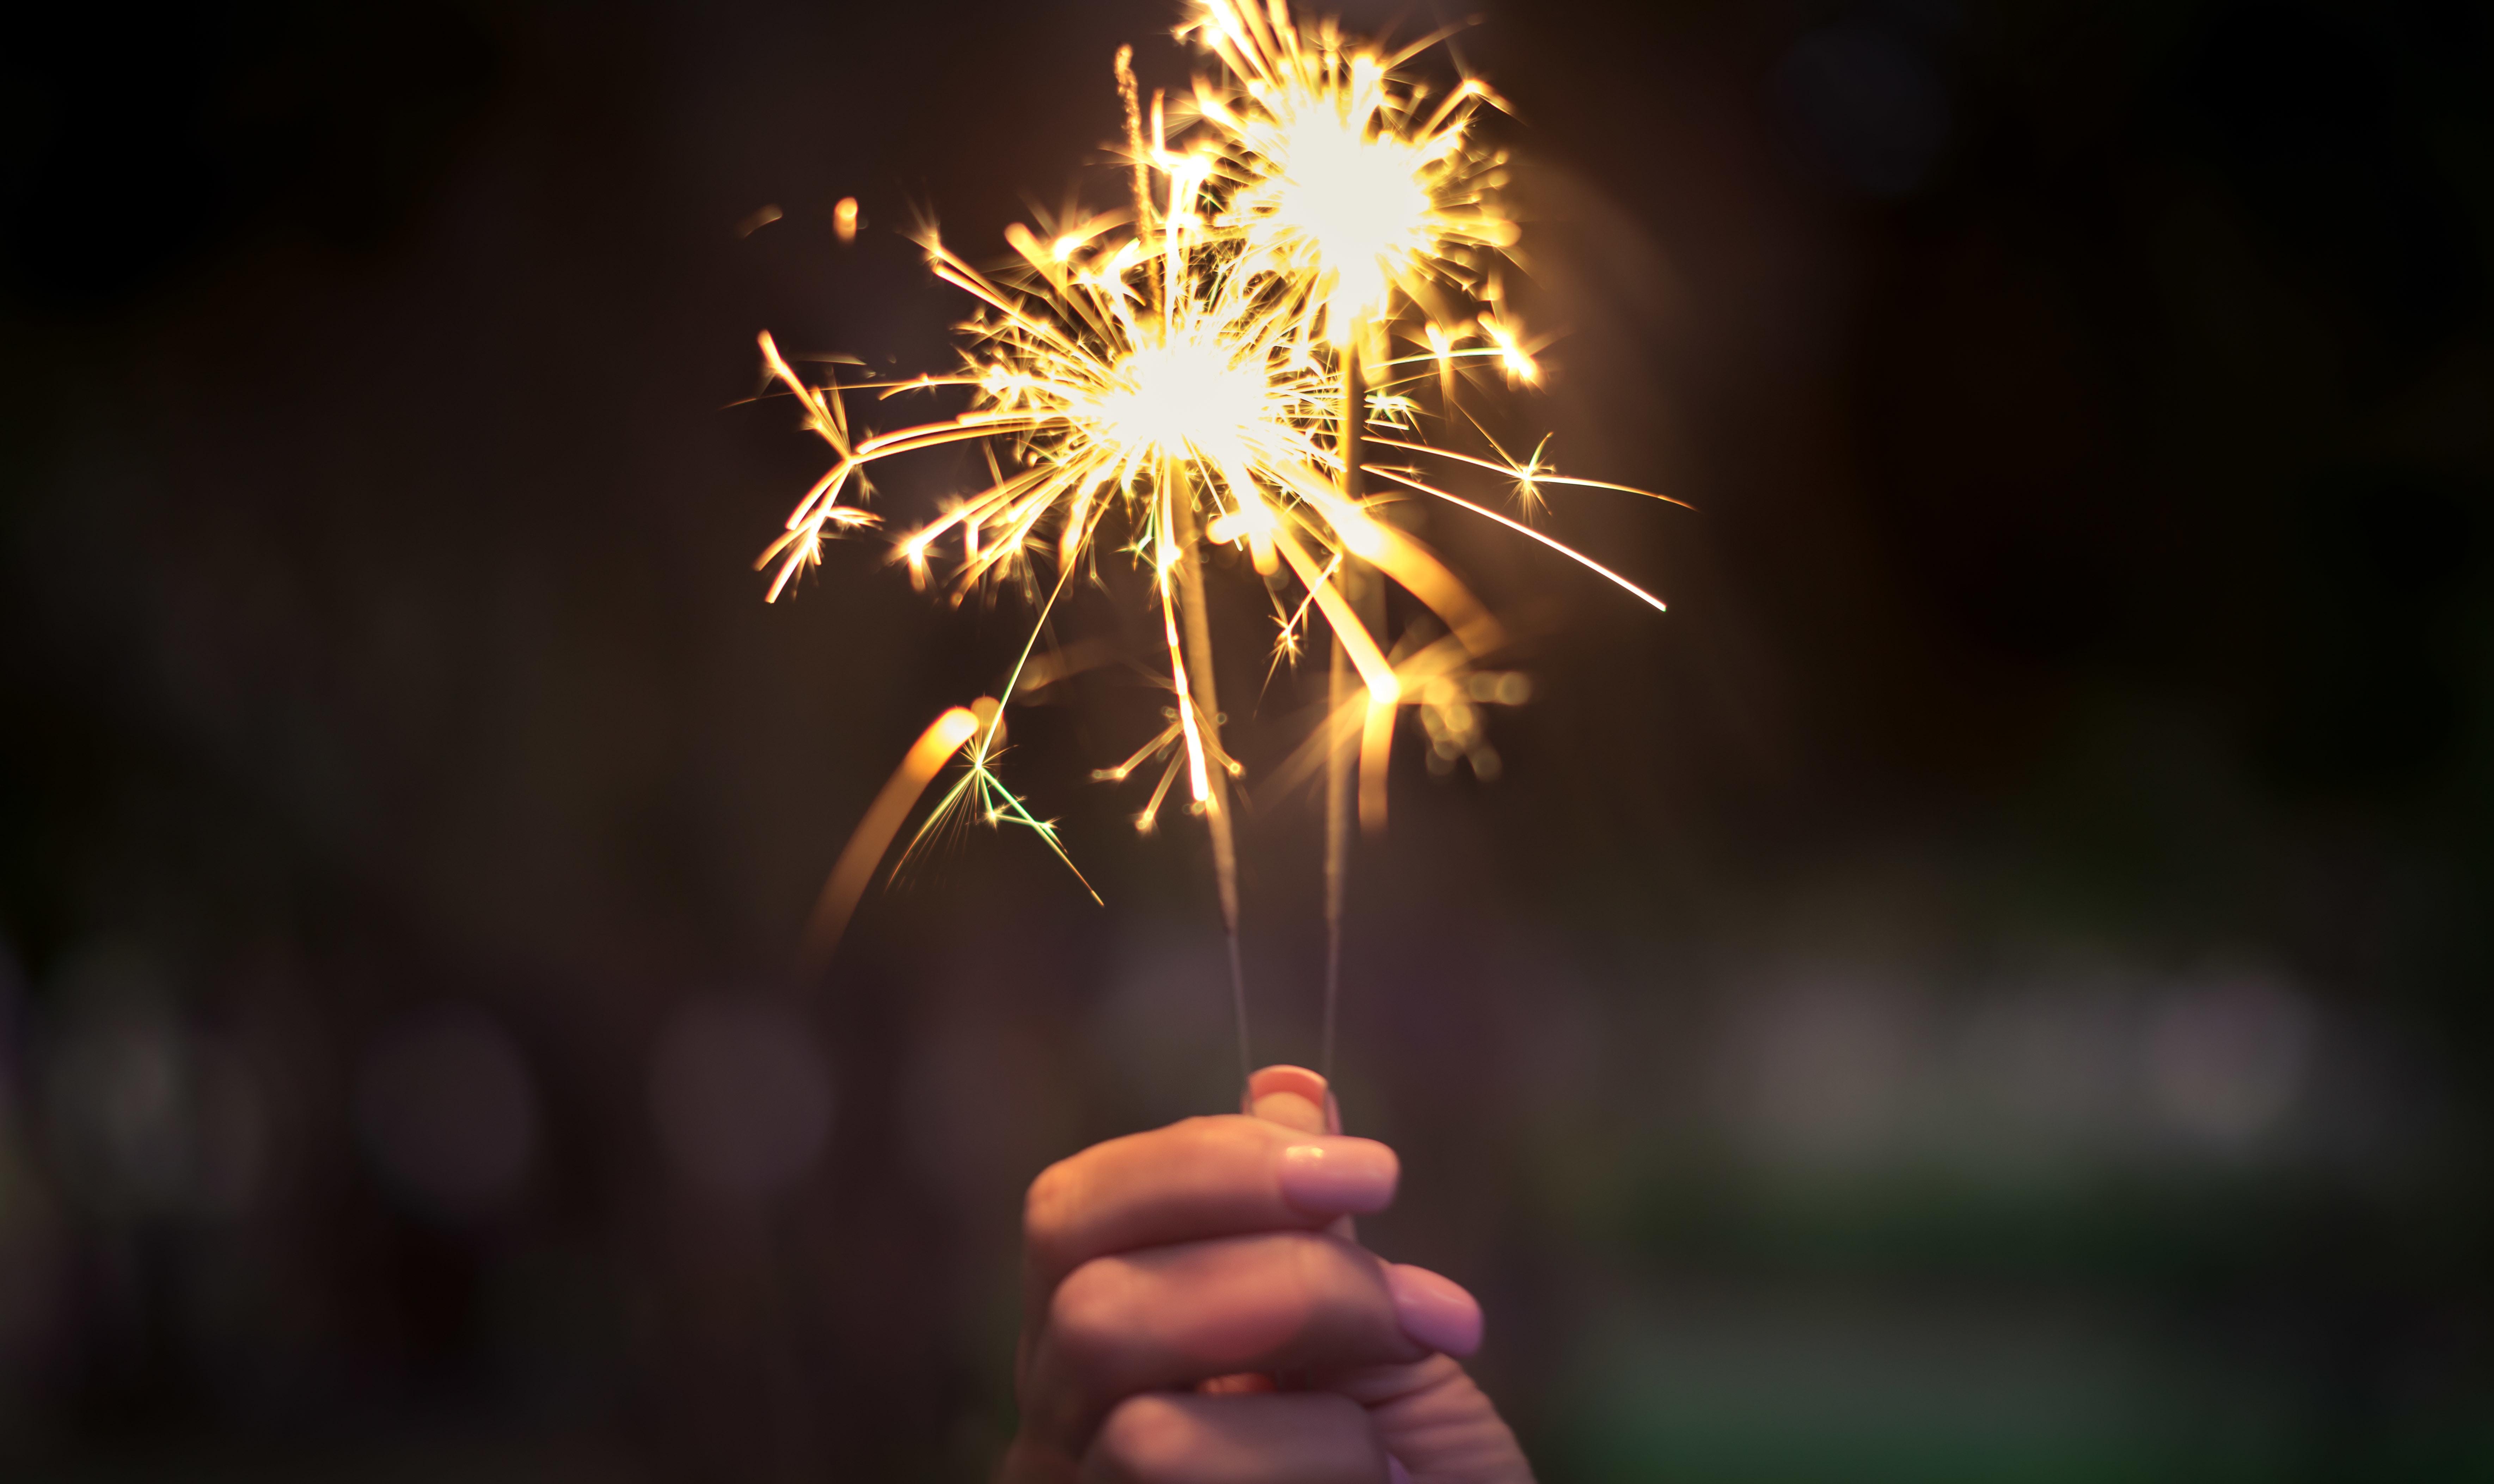 Hyvän mielen lupauksilla kohti uutta vuotta